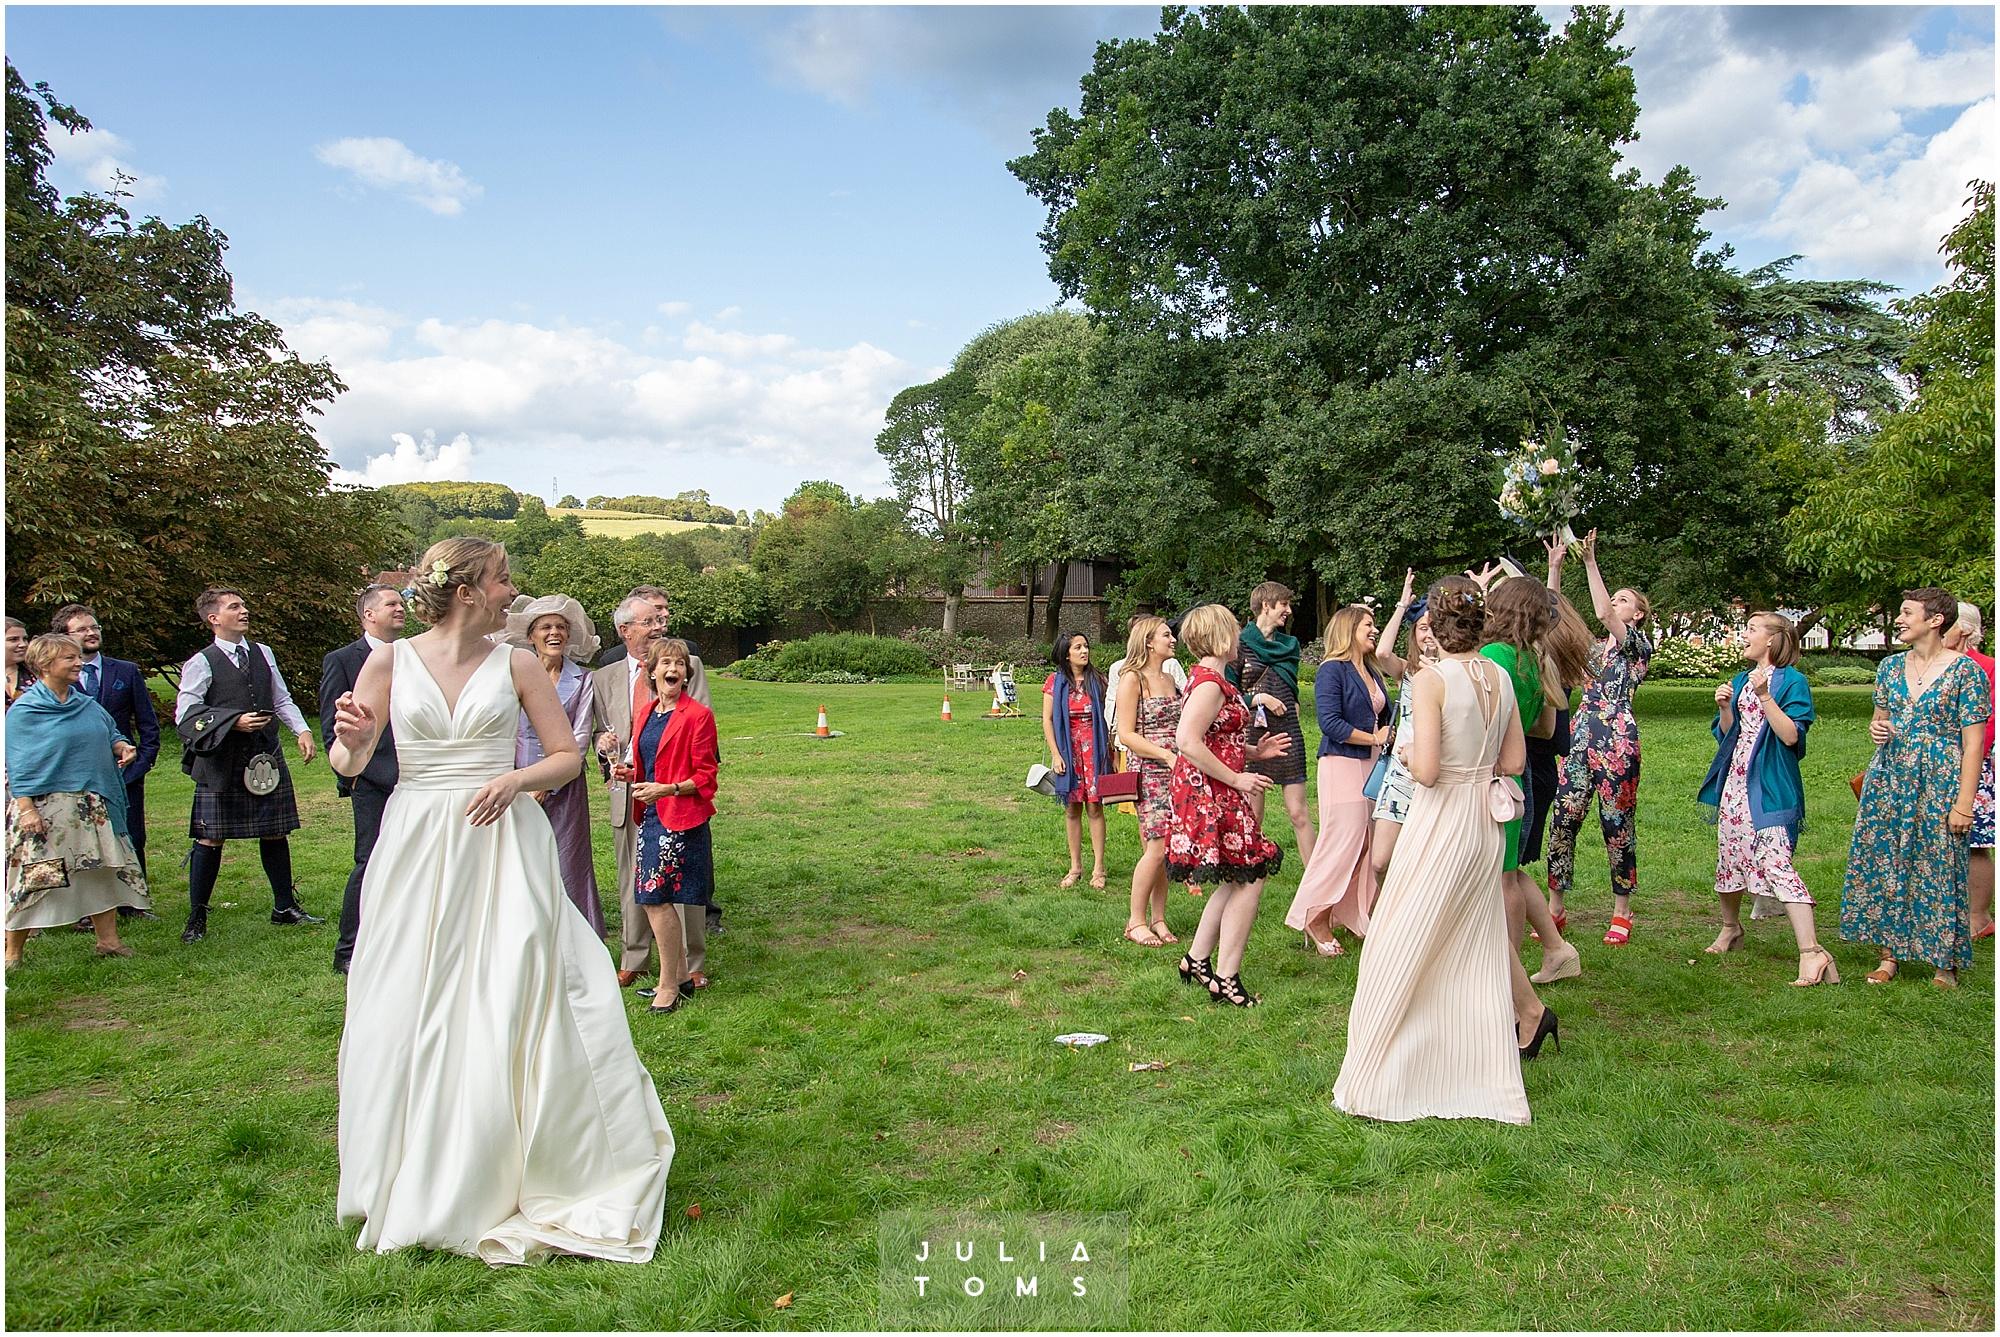 westsussex_wedding_photographer_westdean_096.jpg